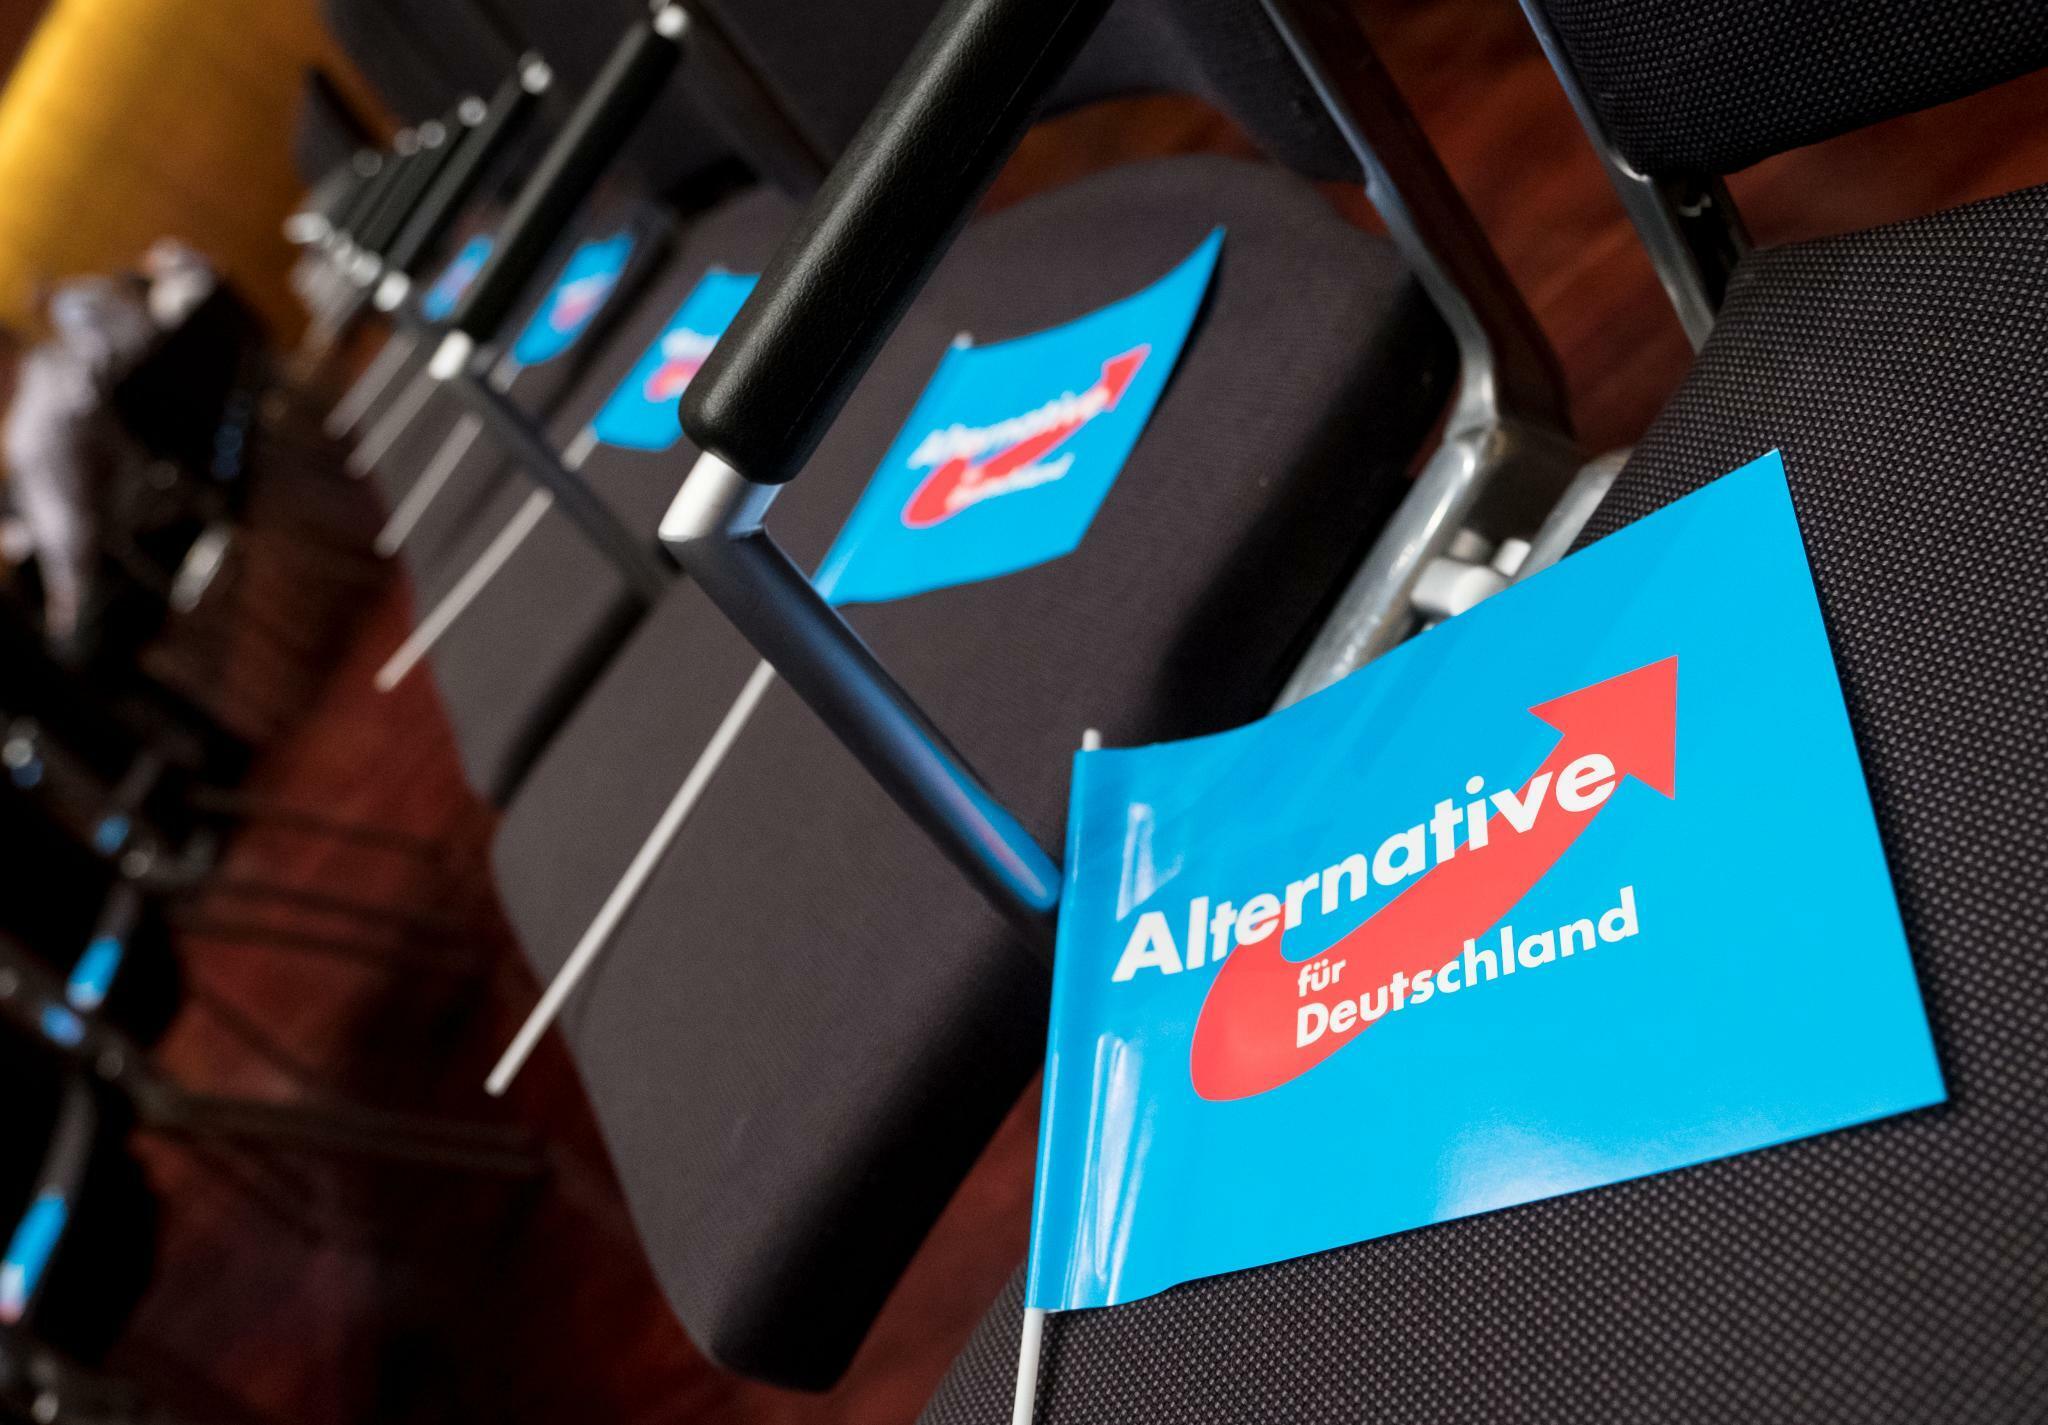 Verfassungsklage: Thüringer Verfassungsgericht weist Prüffall-Klage der AfD ab